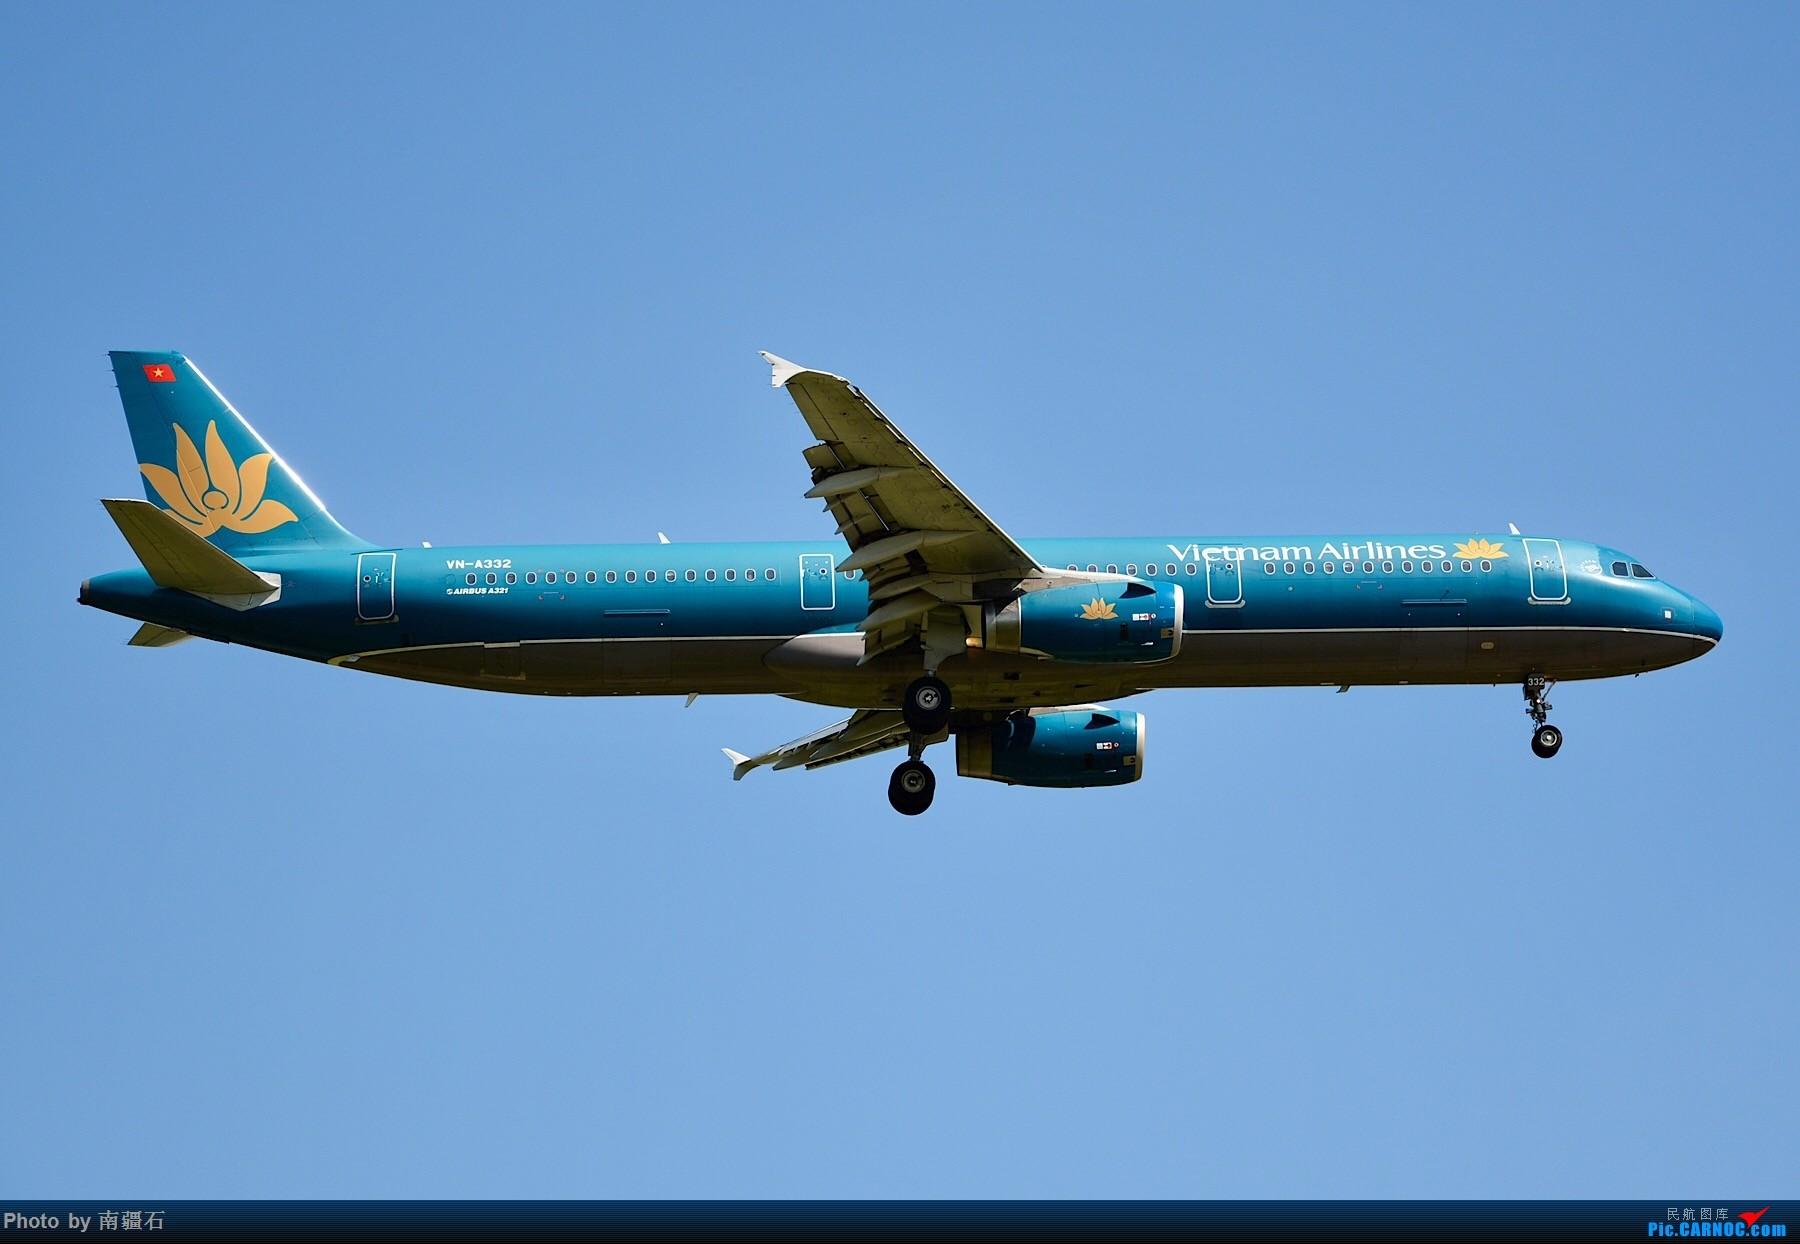 Re:[原创]CTU 9.6 20R降落精选几张 AIRBUS A321 VN-A332 中国成都双流国际机场